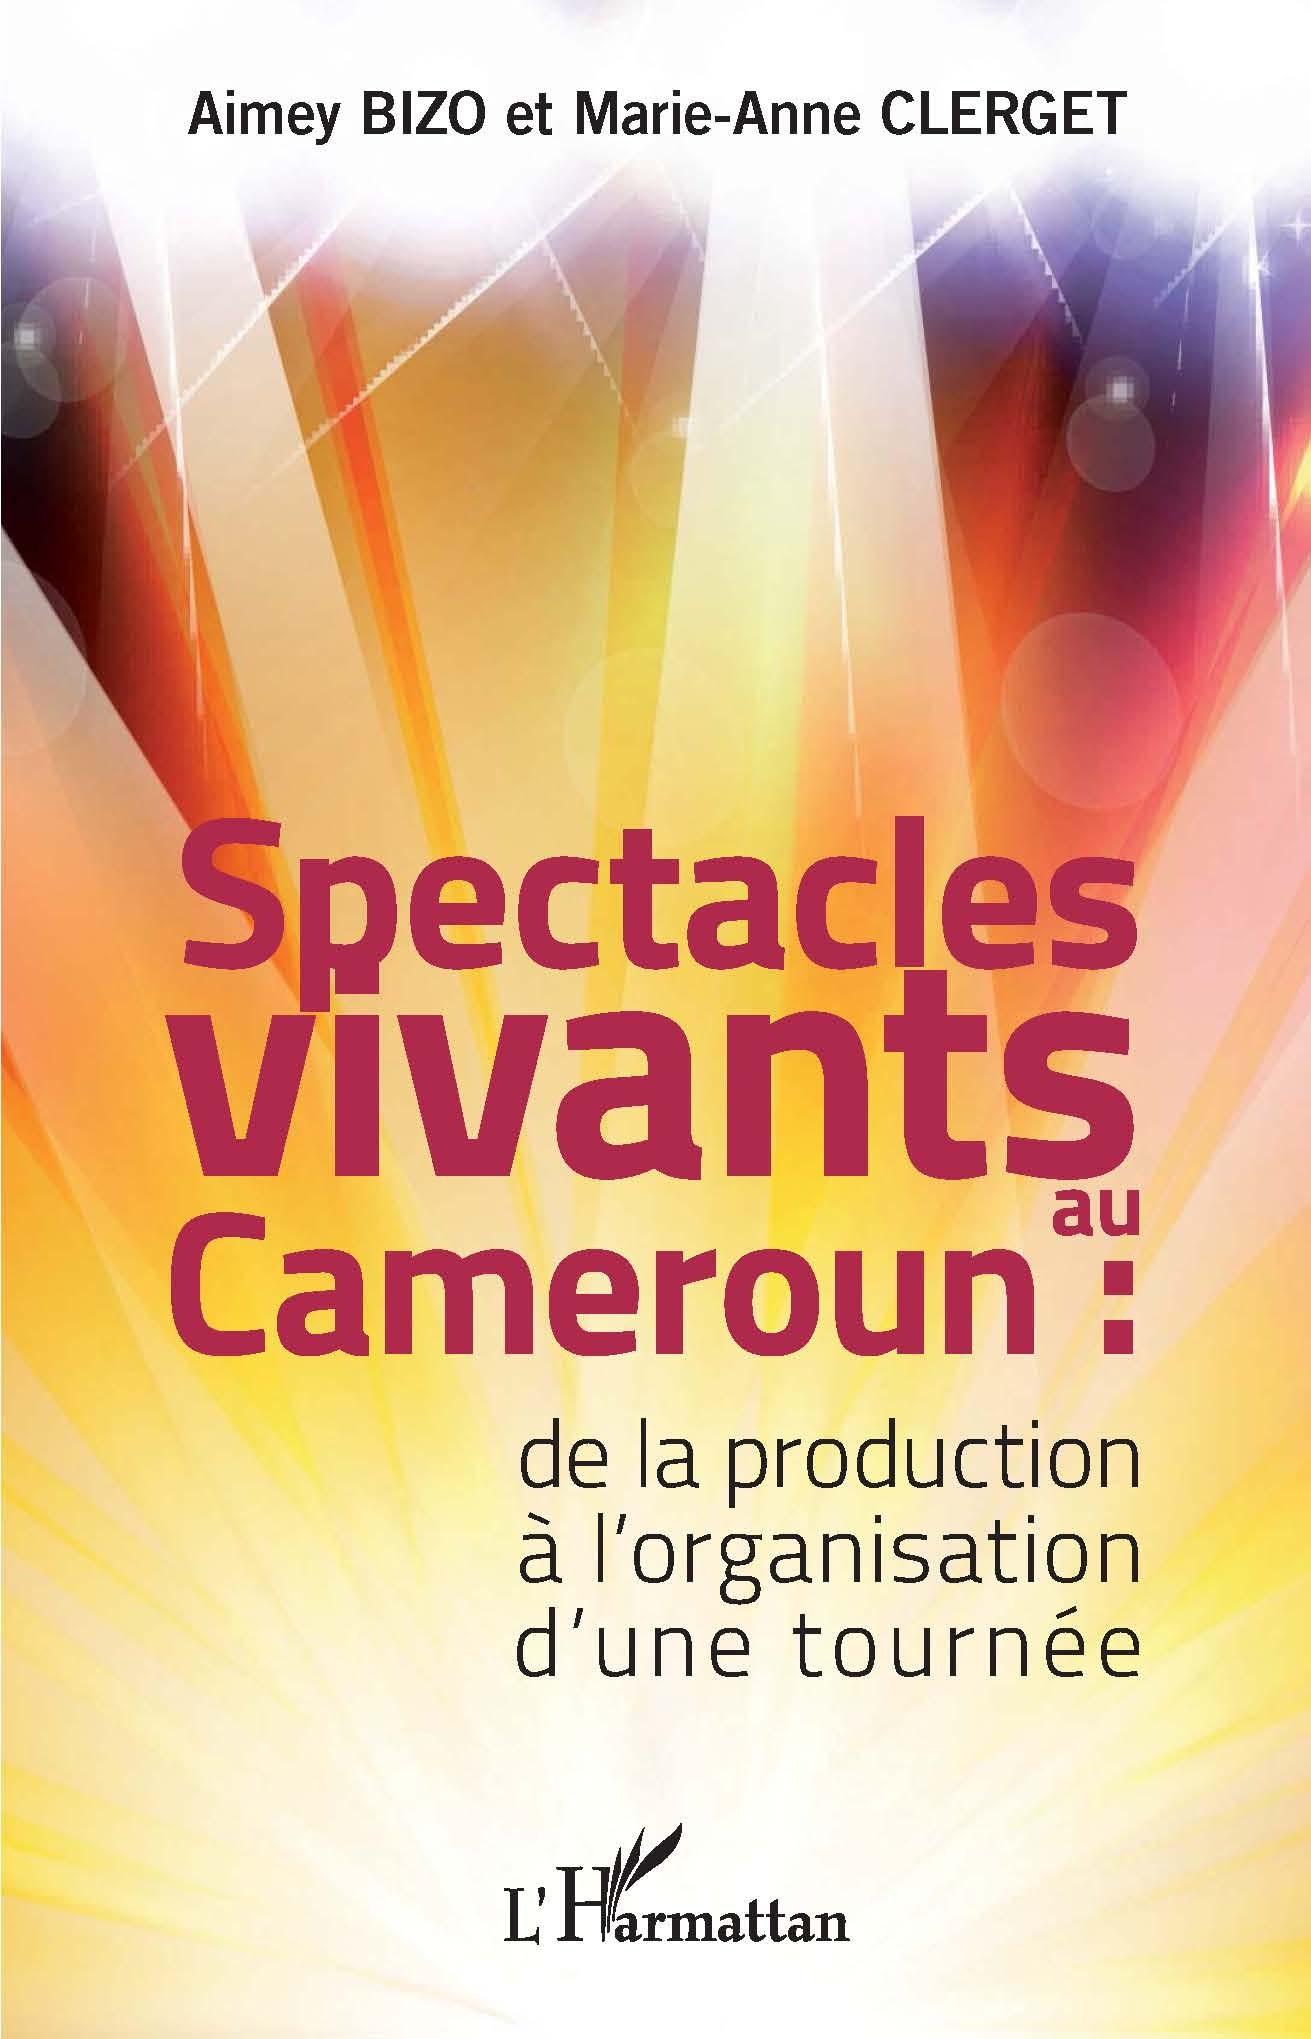 Le Guide sur le Spectacle vivant au Cameroun